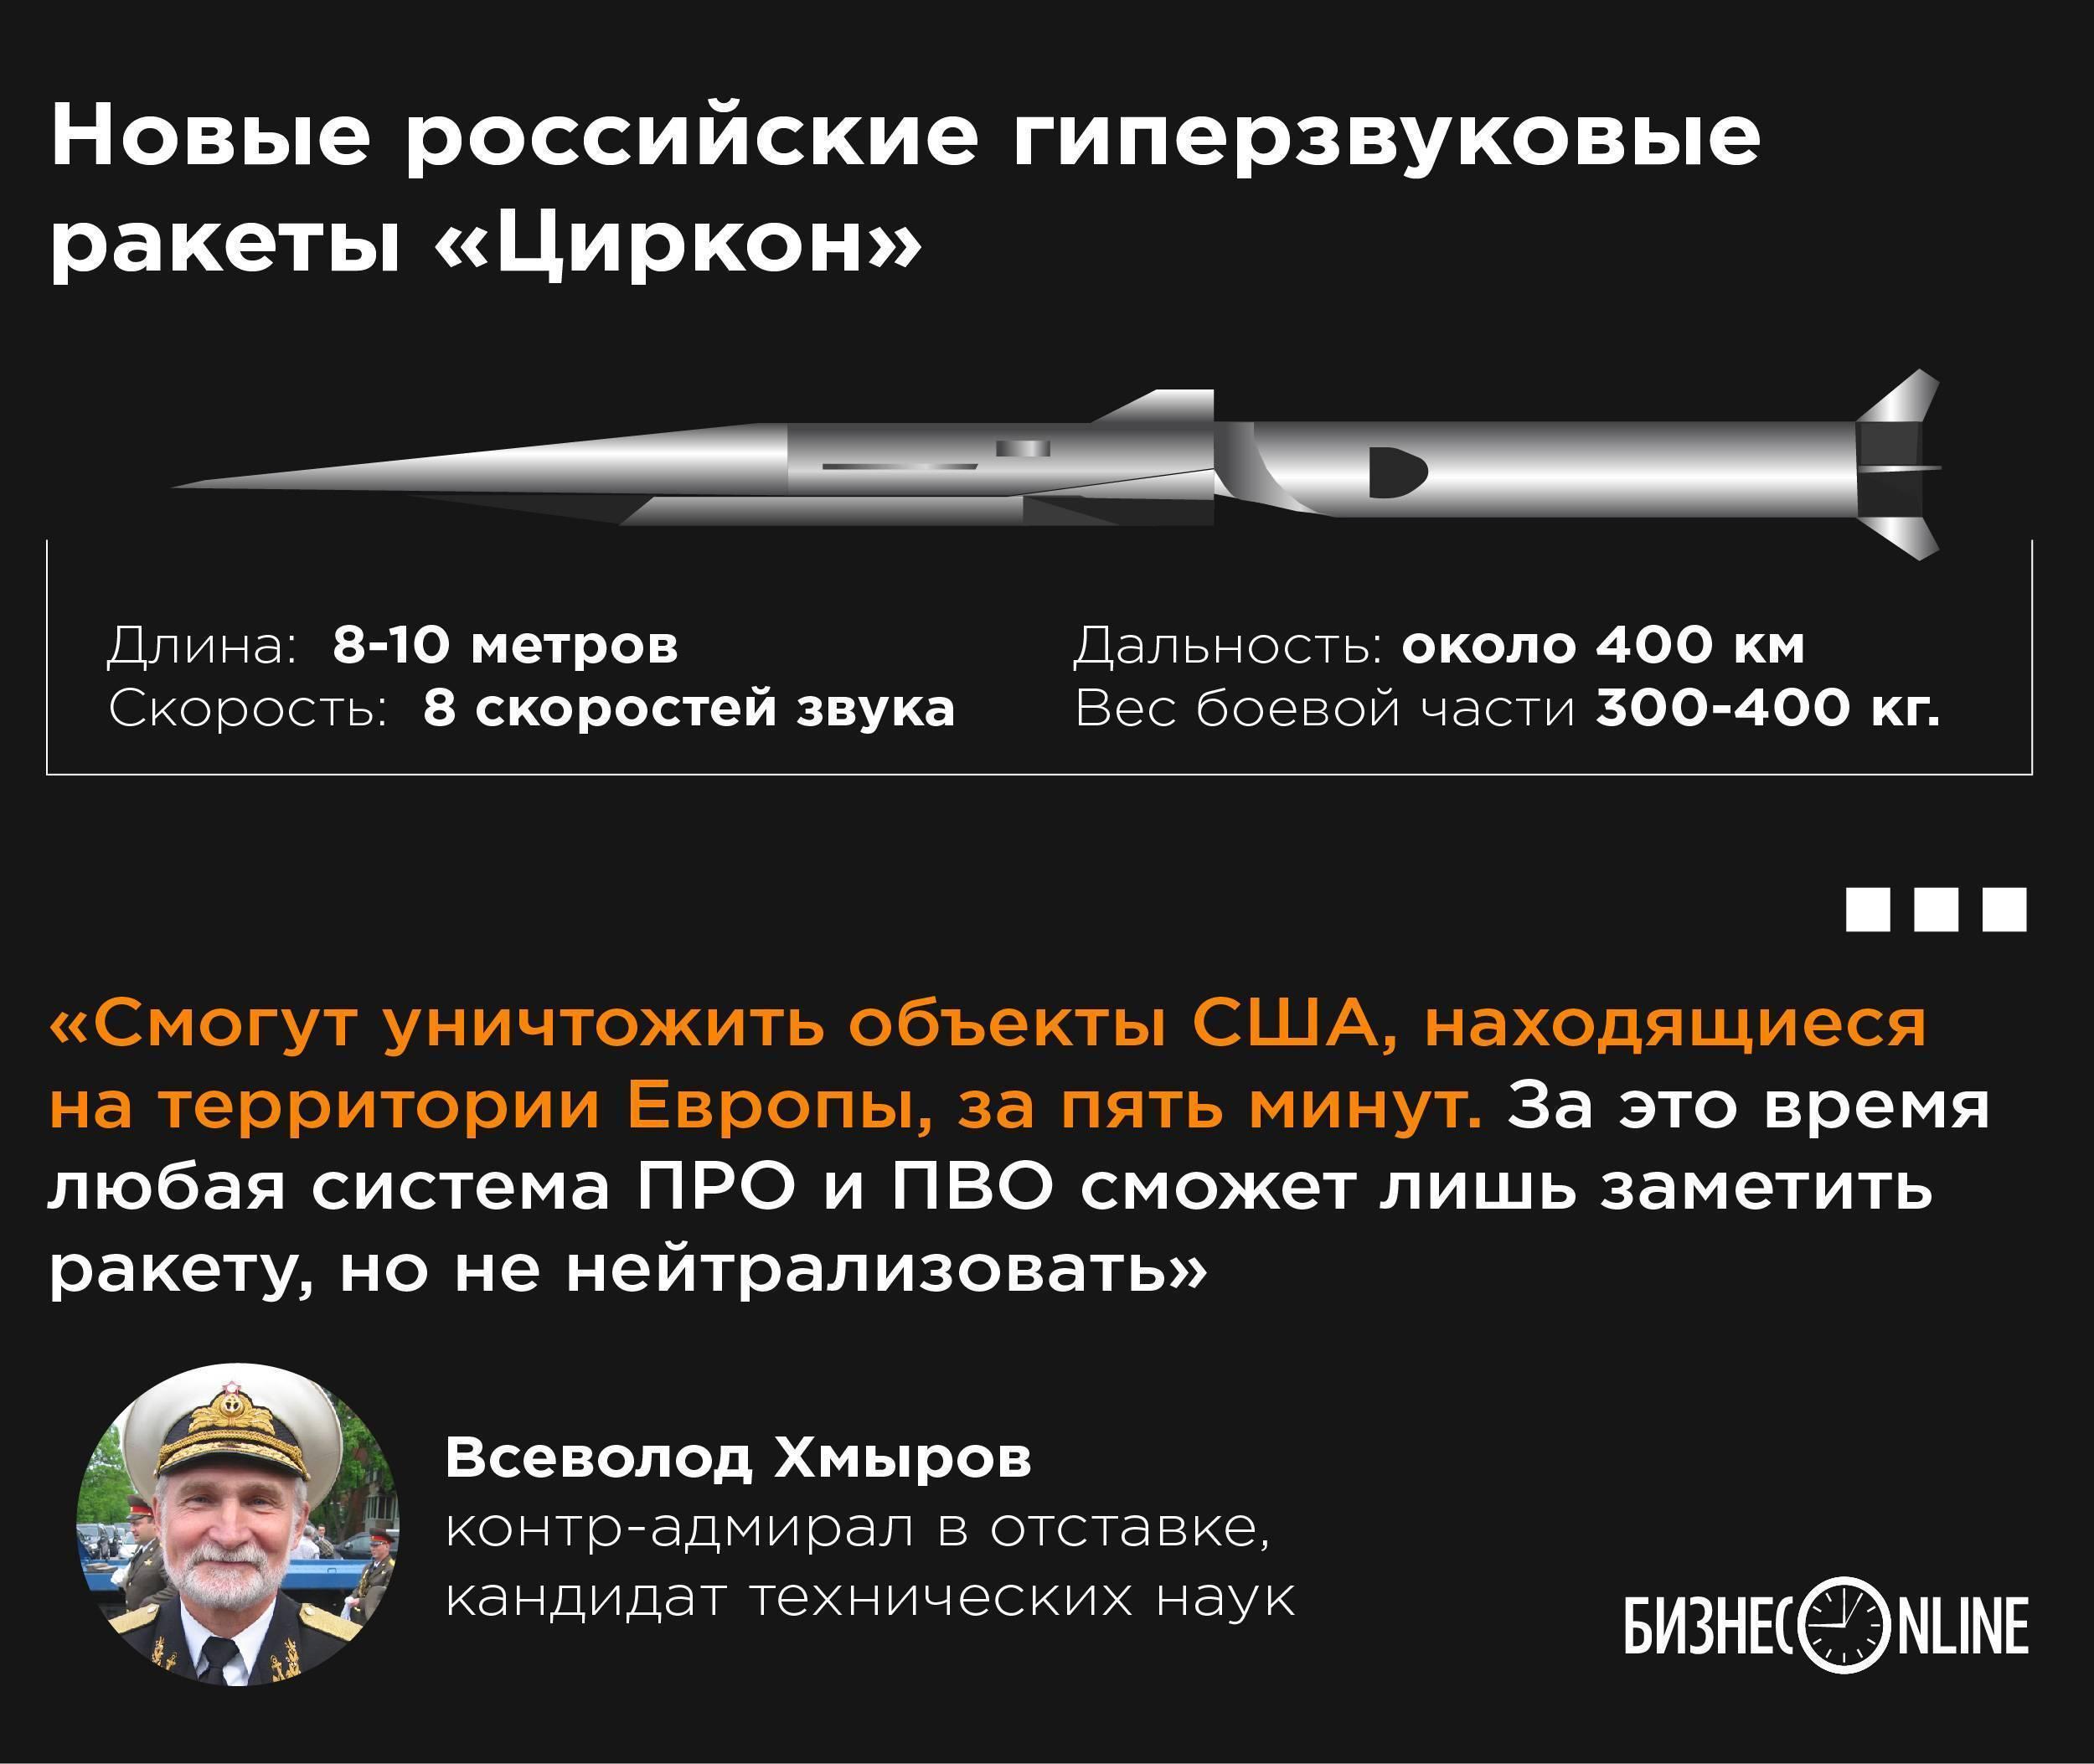 Стремительный бросок русского циркона